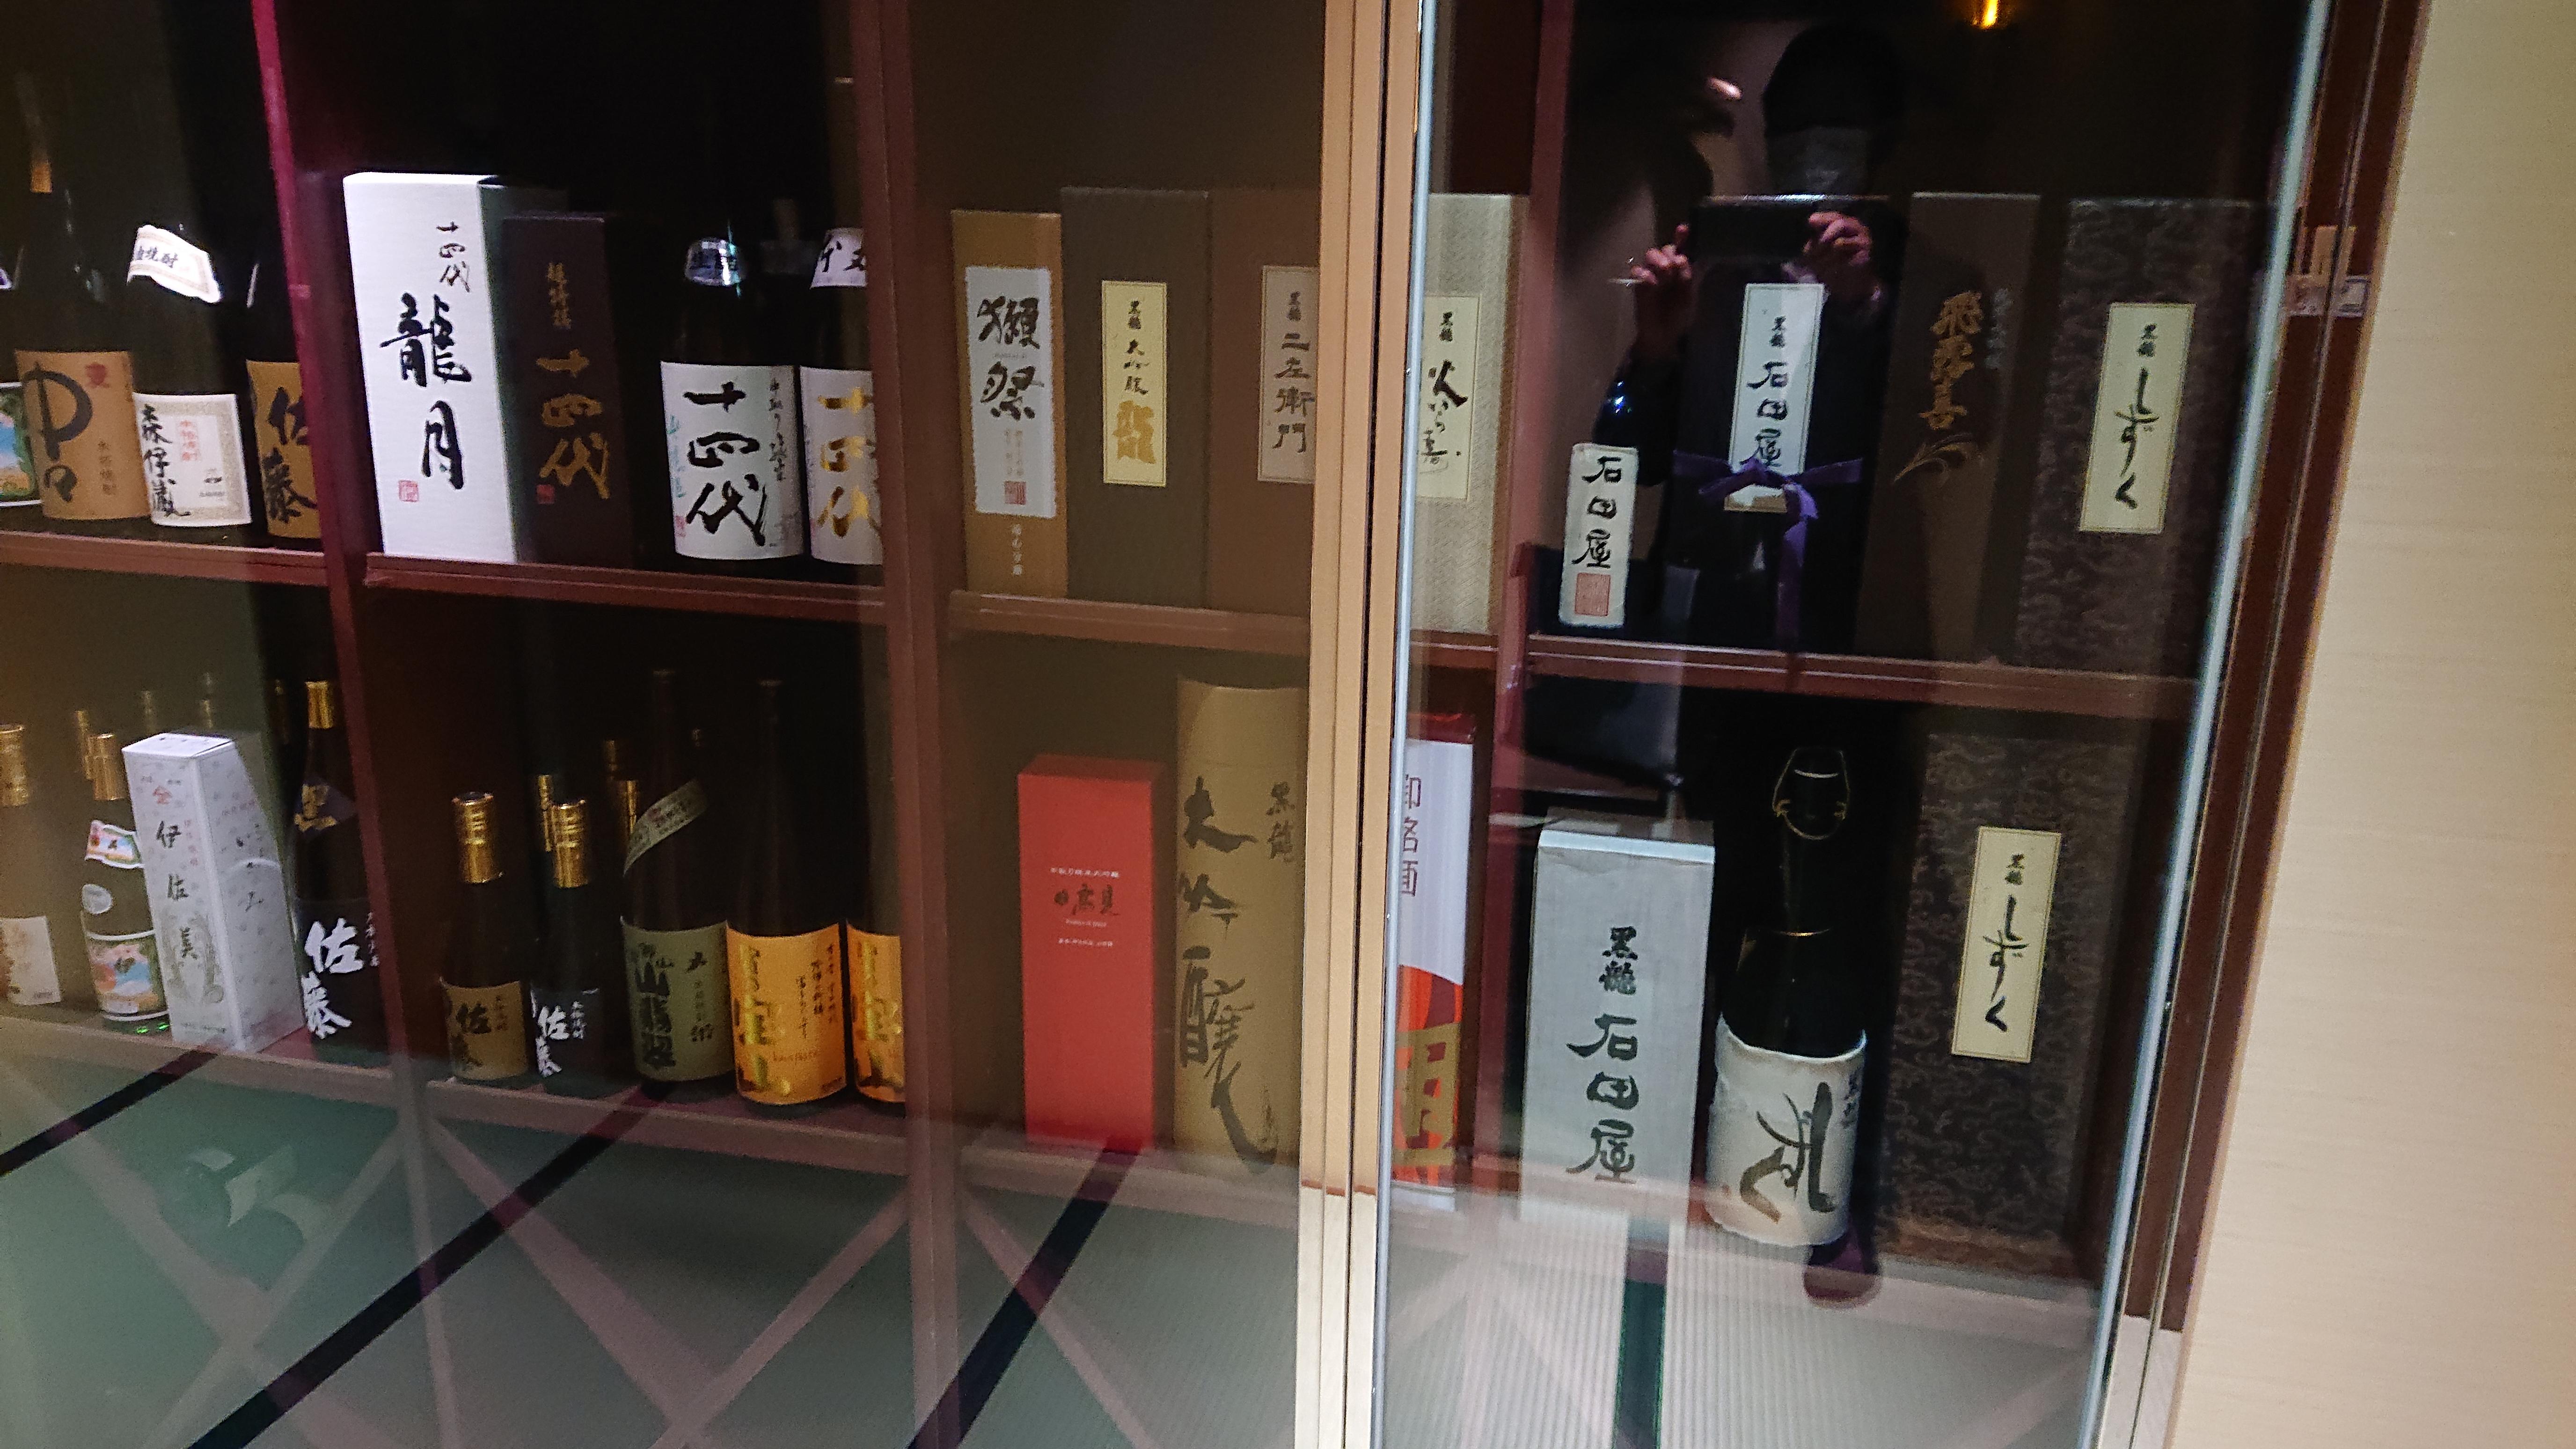 瓢喜,銀座本店,日本酒,品揃え,東京,新政,而今,醸し人九平次